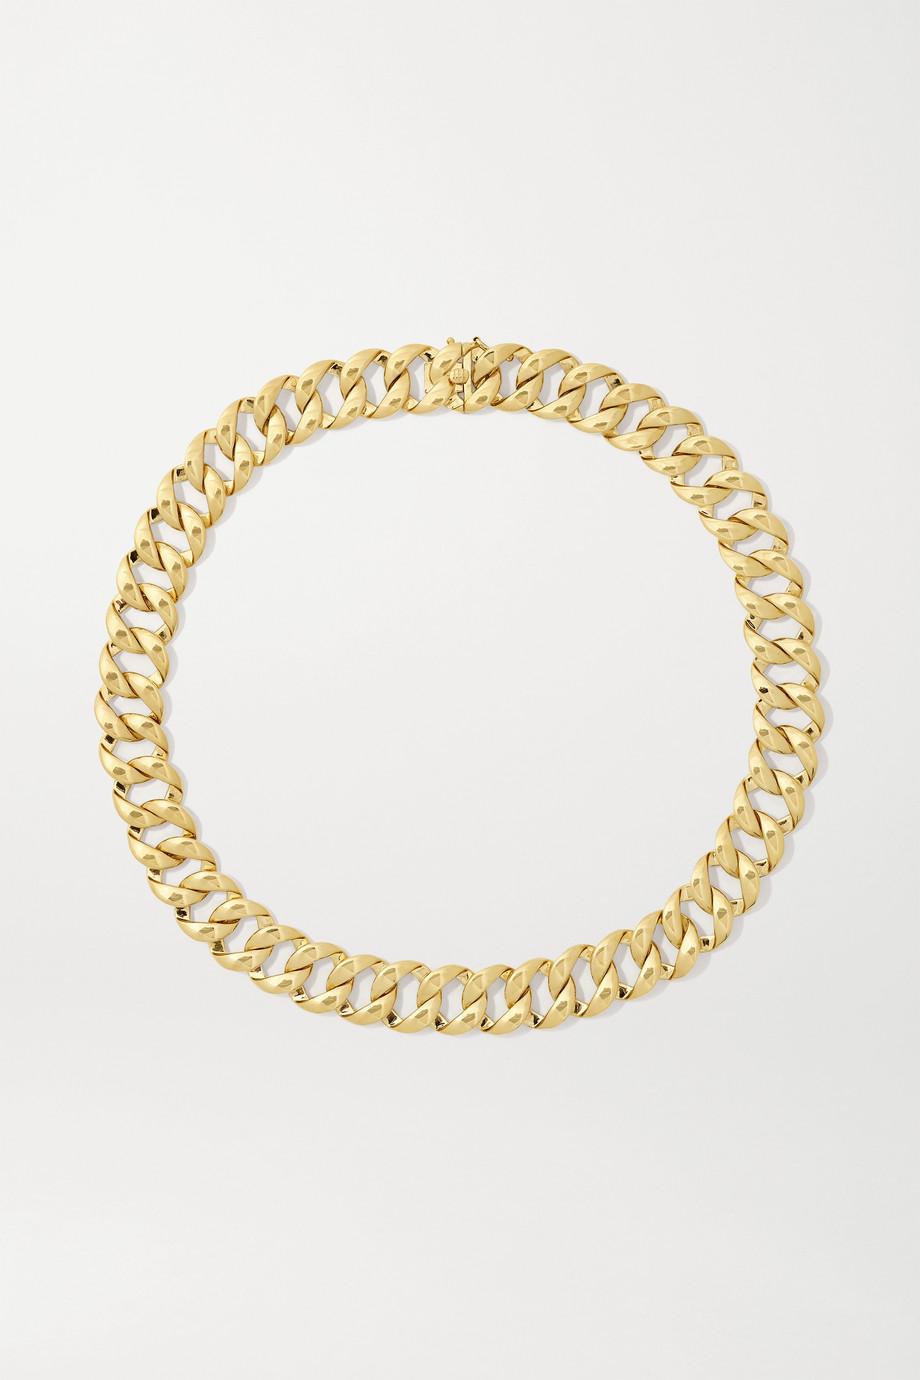 Anita Ko 18-karat gold necklace